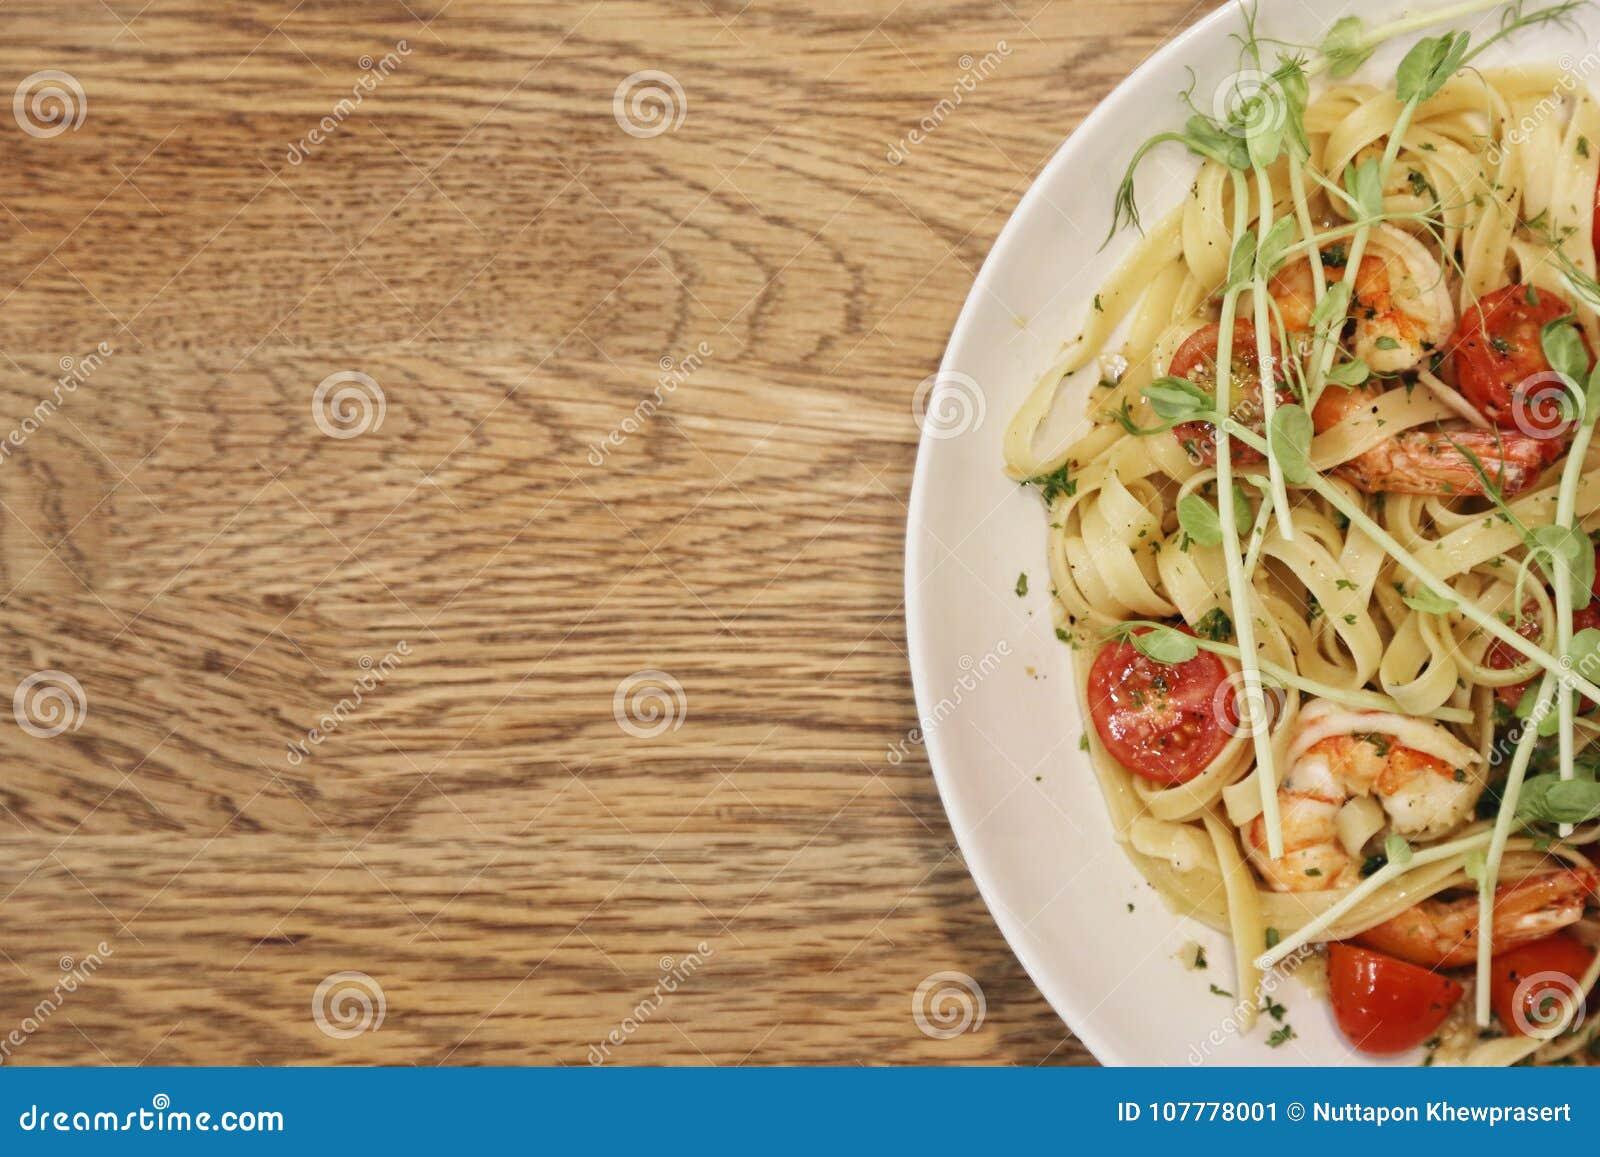 Halva av en vit maträtt med räkascampi och linguine in på en wood tabell från bästa sikt